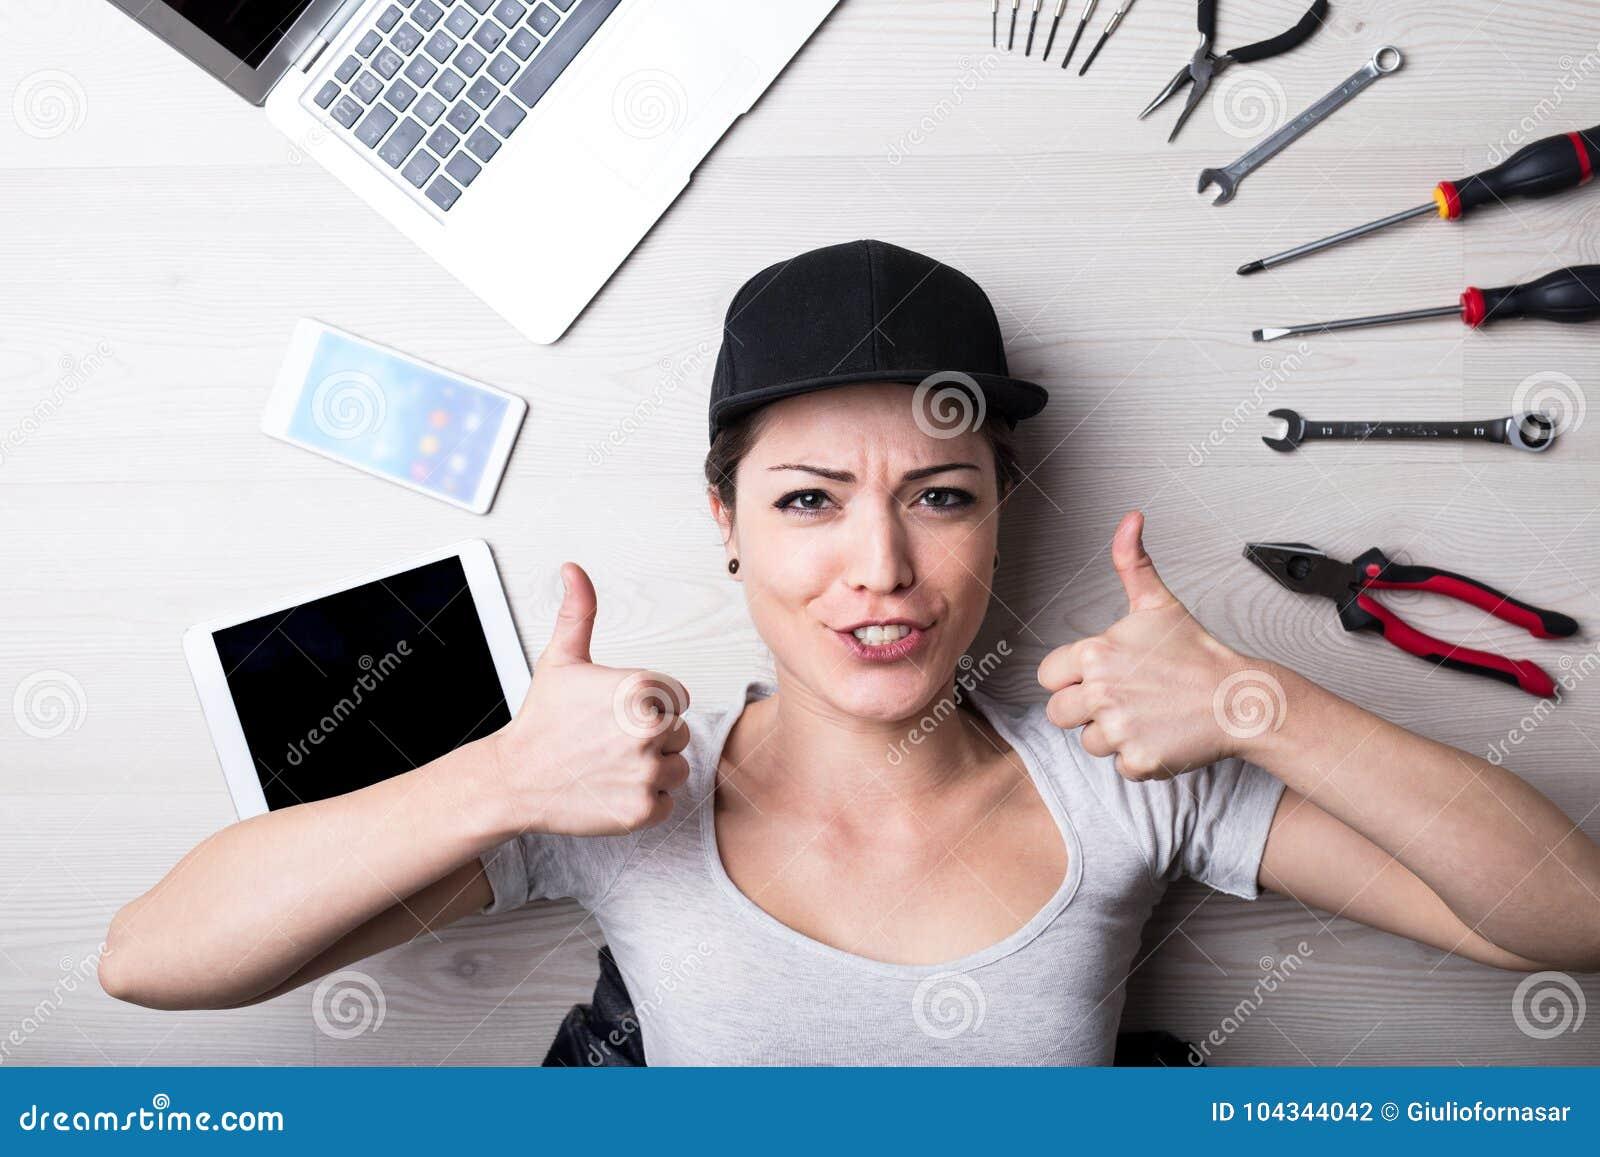 El ordenador ningún problema dice a esta mujer